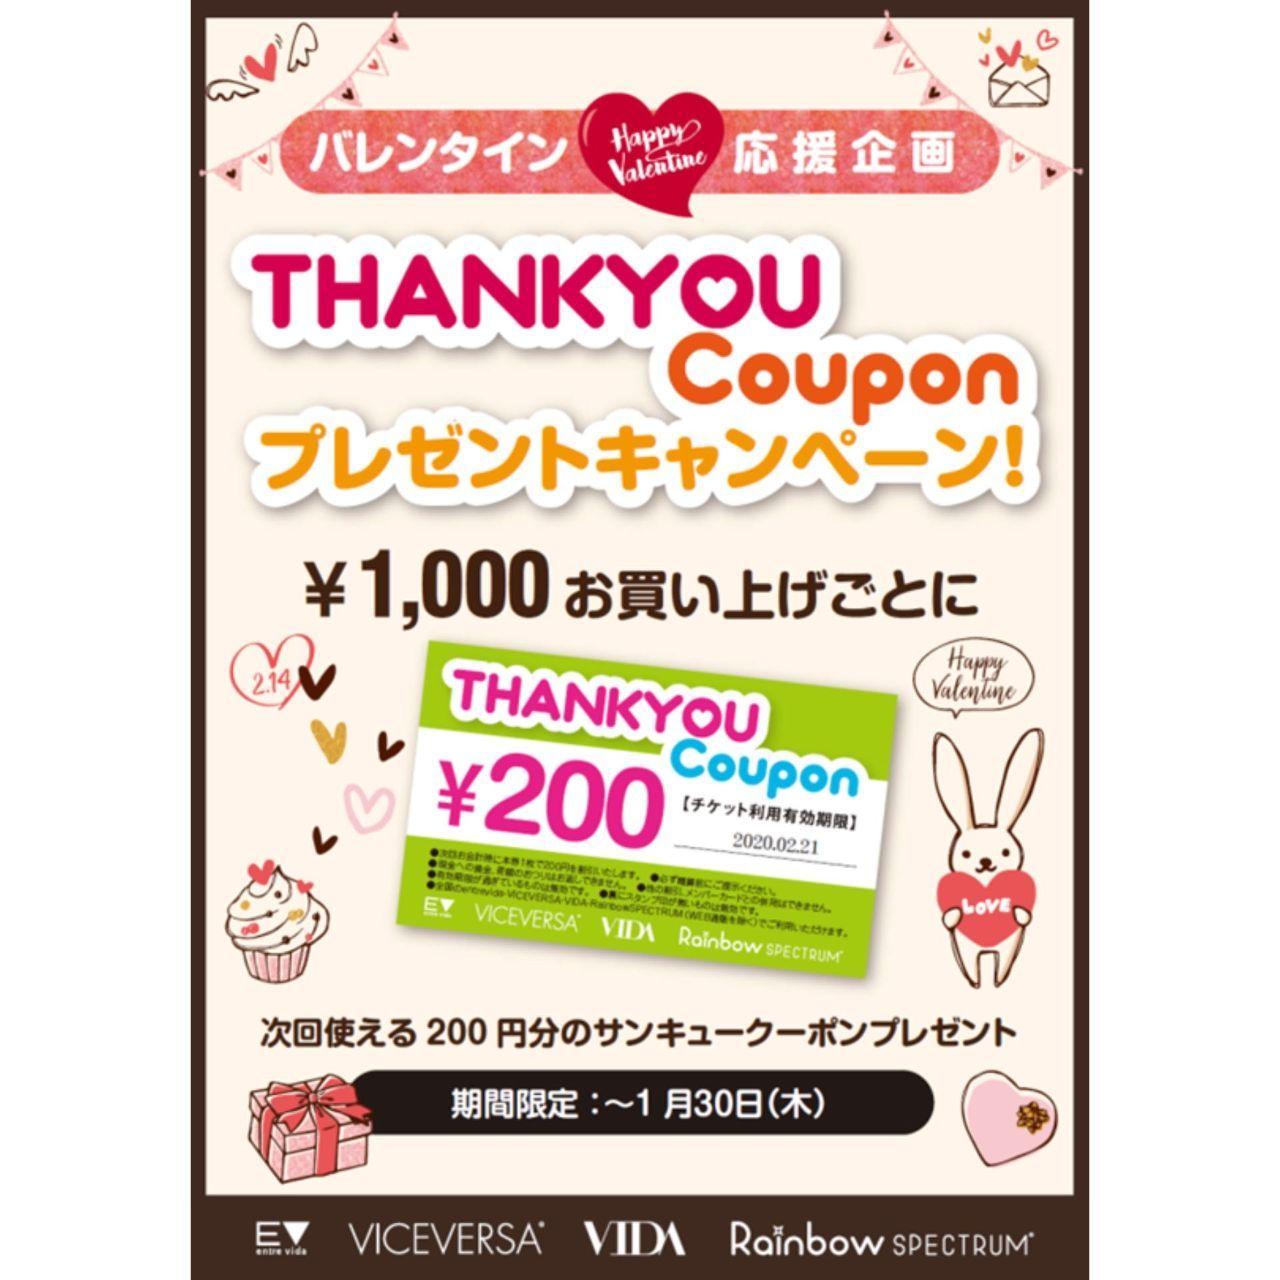 「バレンタイン直前!Thank you クーポン」の写真